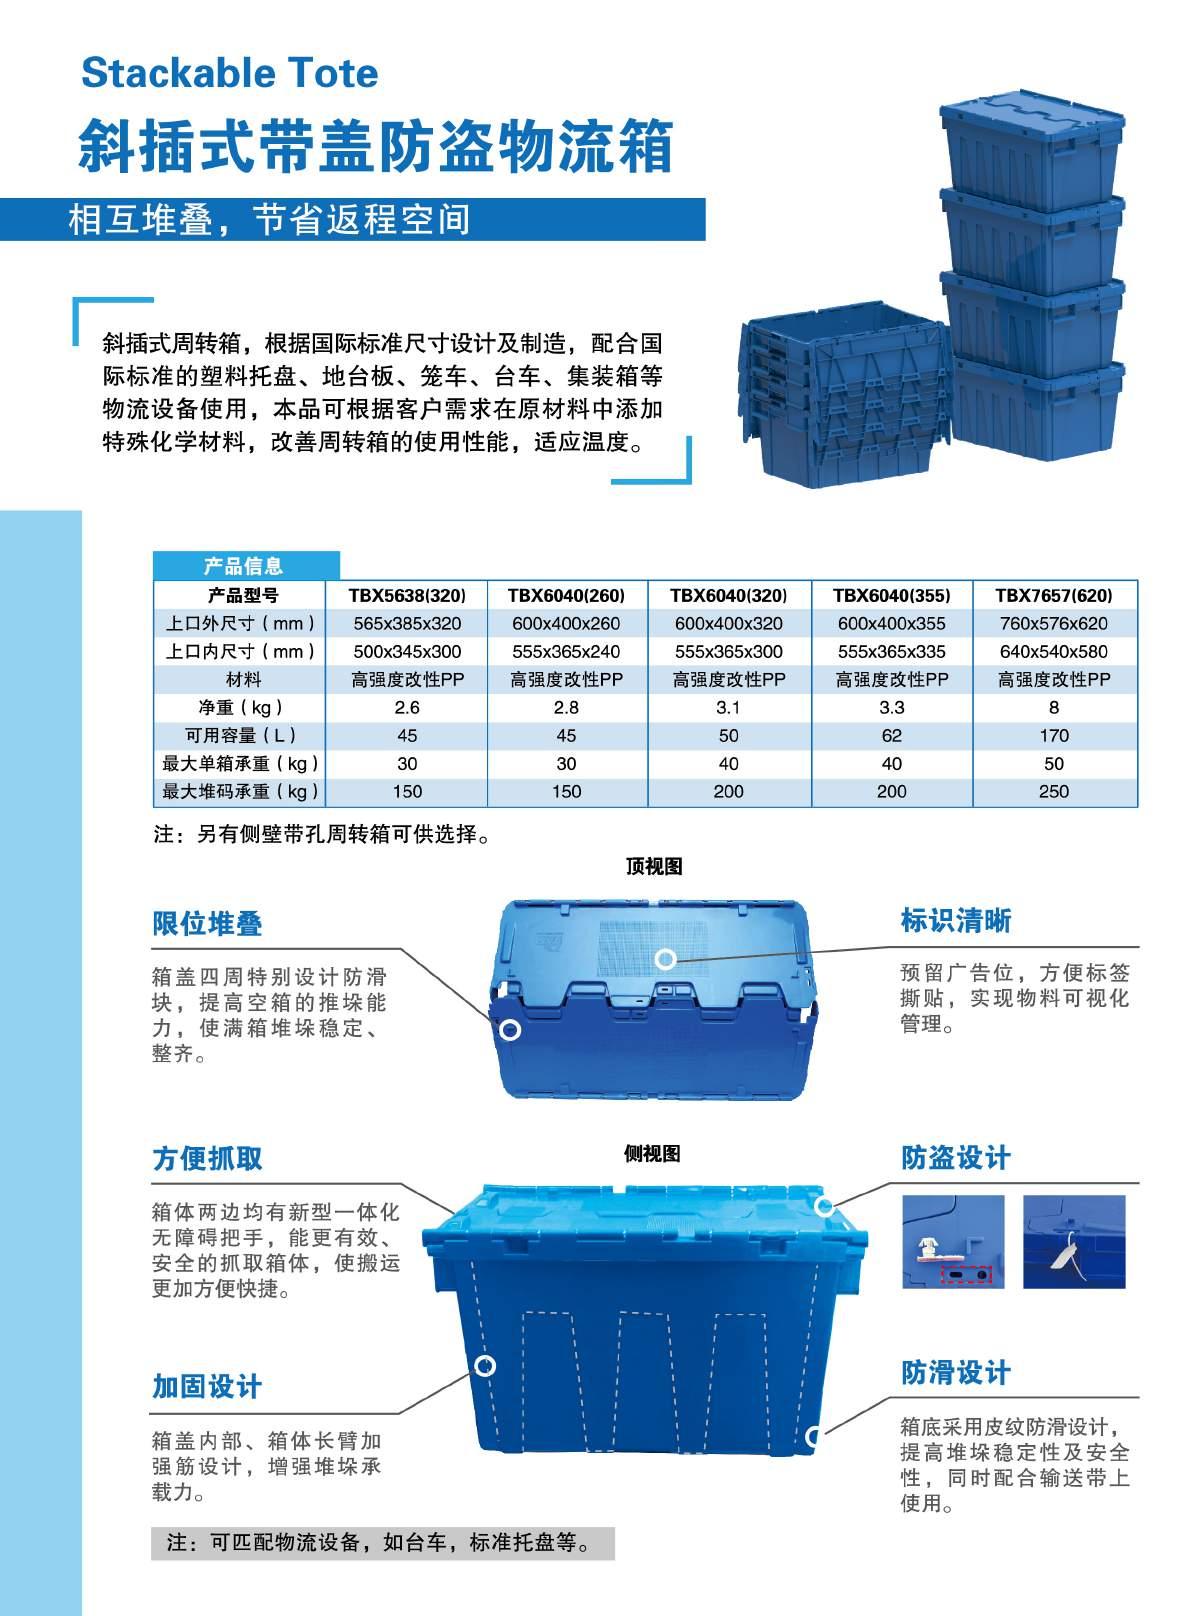 塑料单元化集装器具产品手册-中文_页面_2.jpg